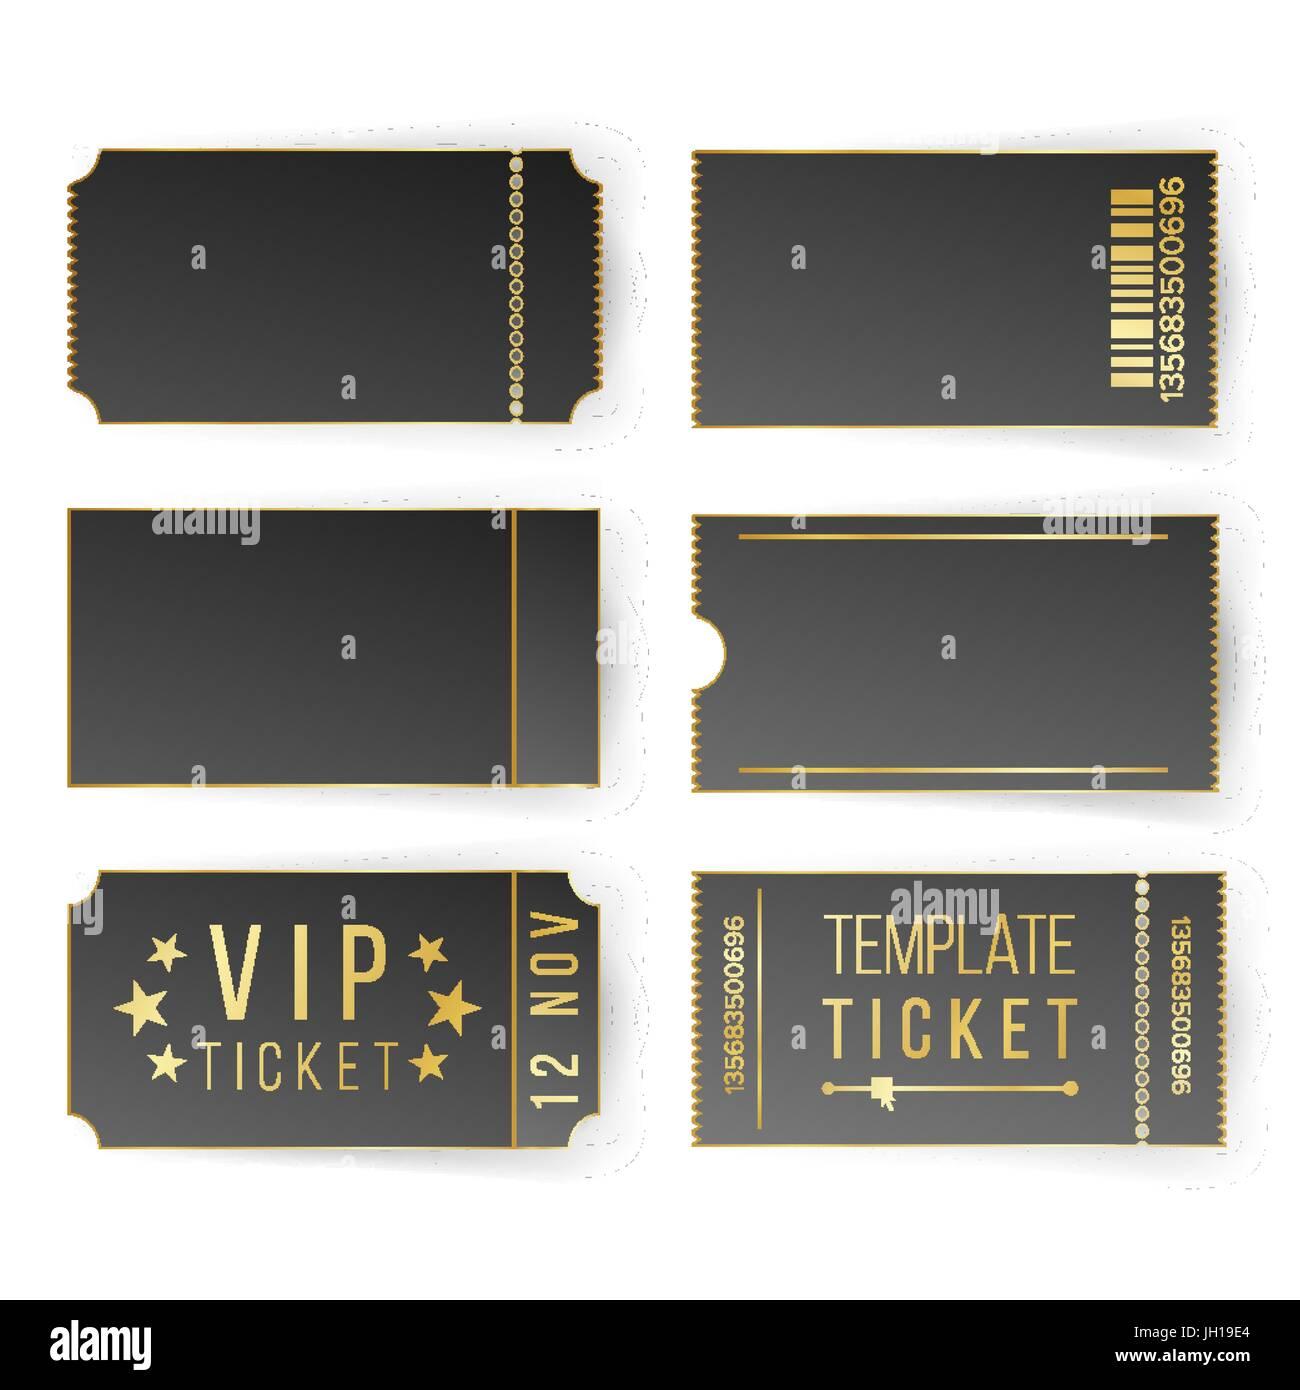 Circus Tickets Sign Stockfotos & Circus Tickets Sign Bilder - Seite ...